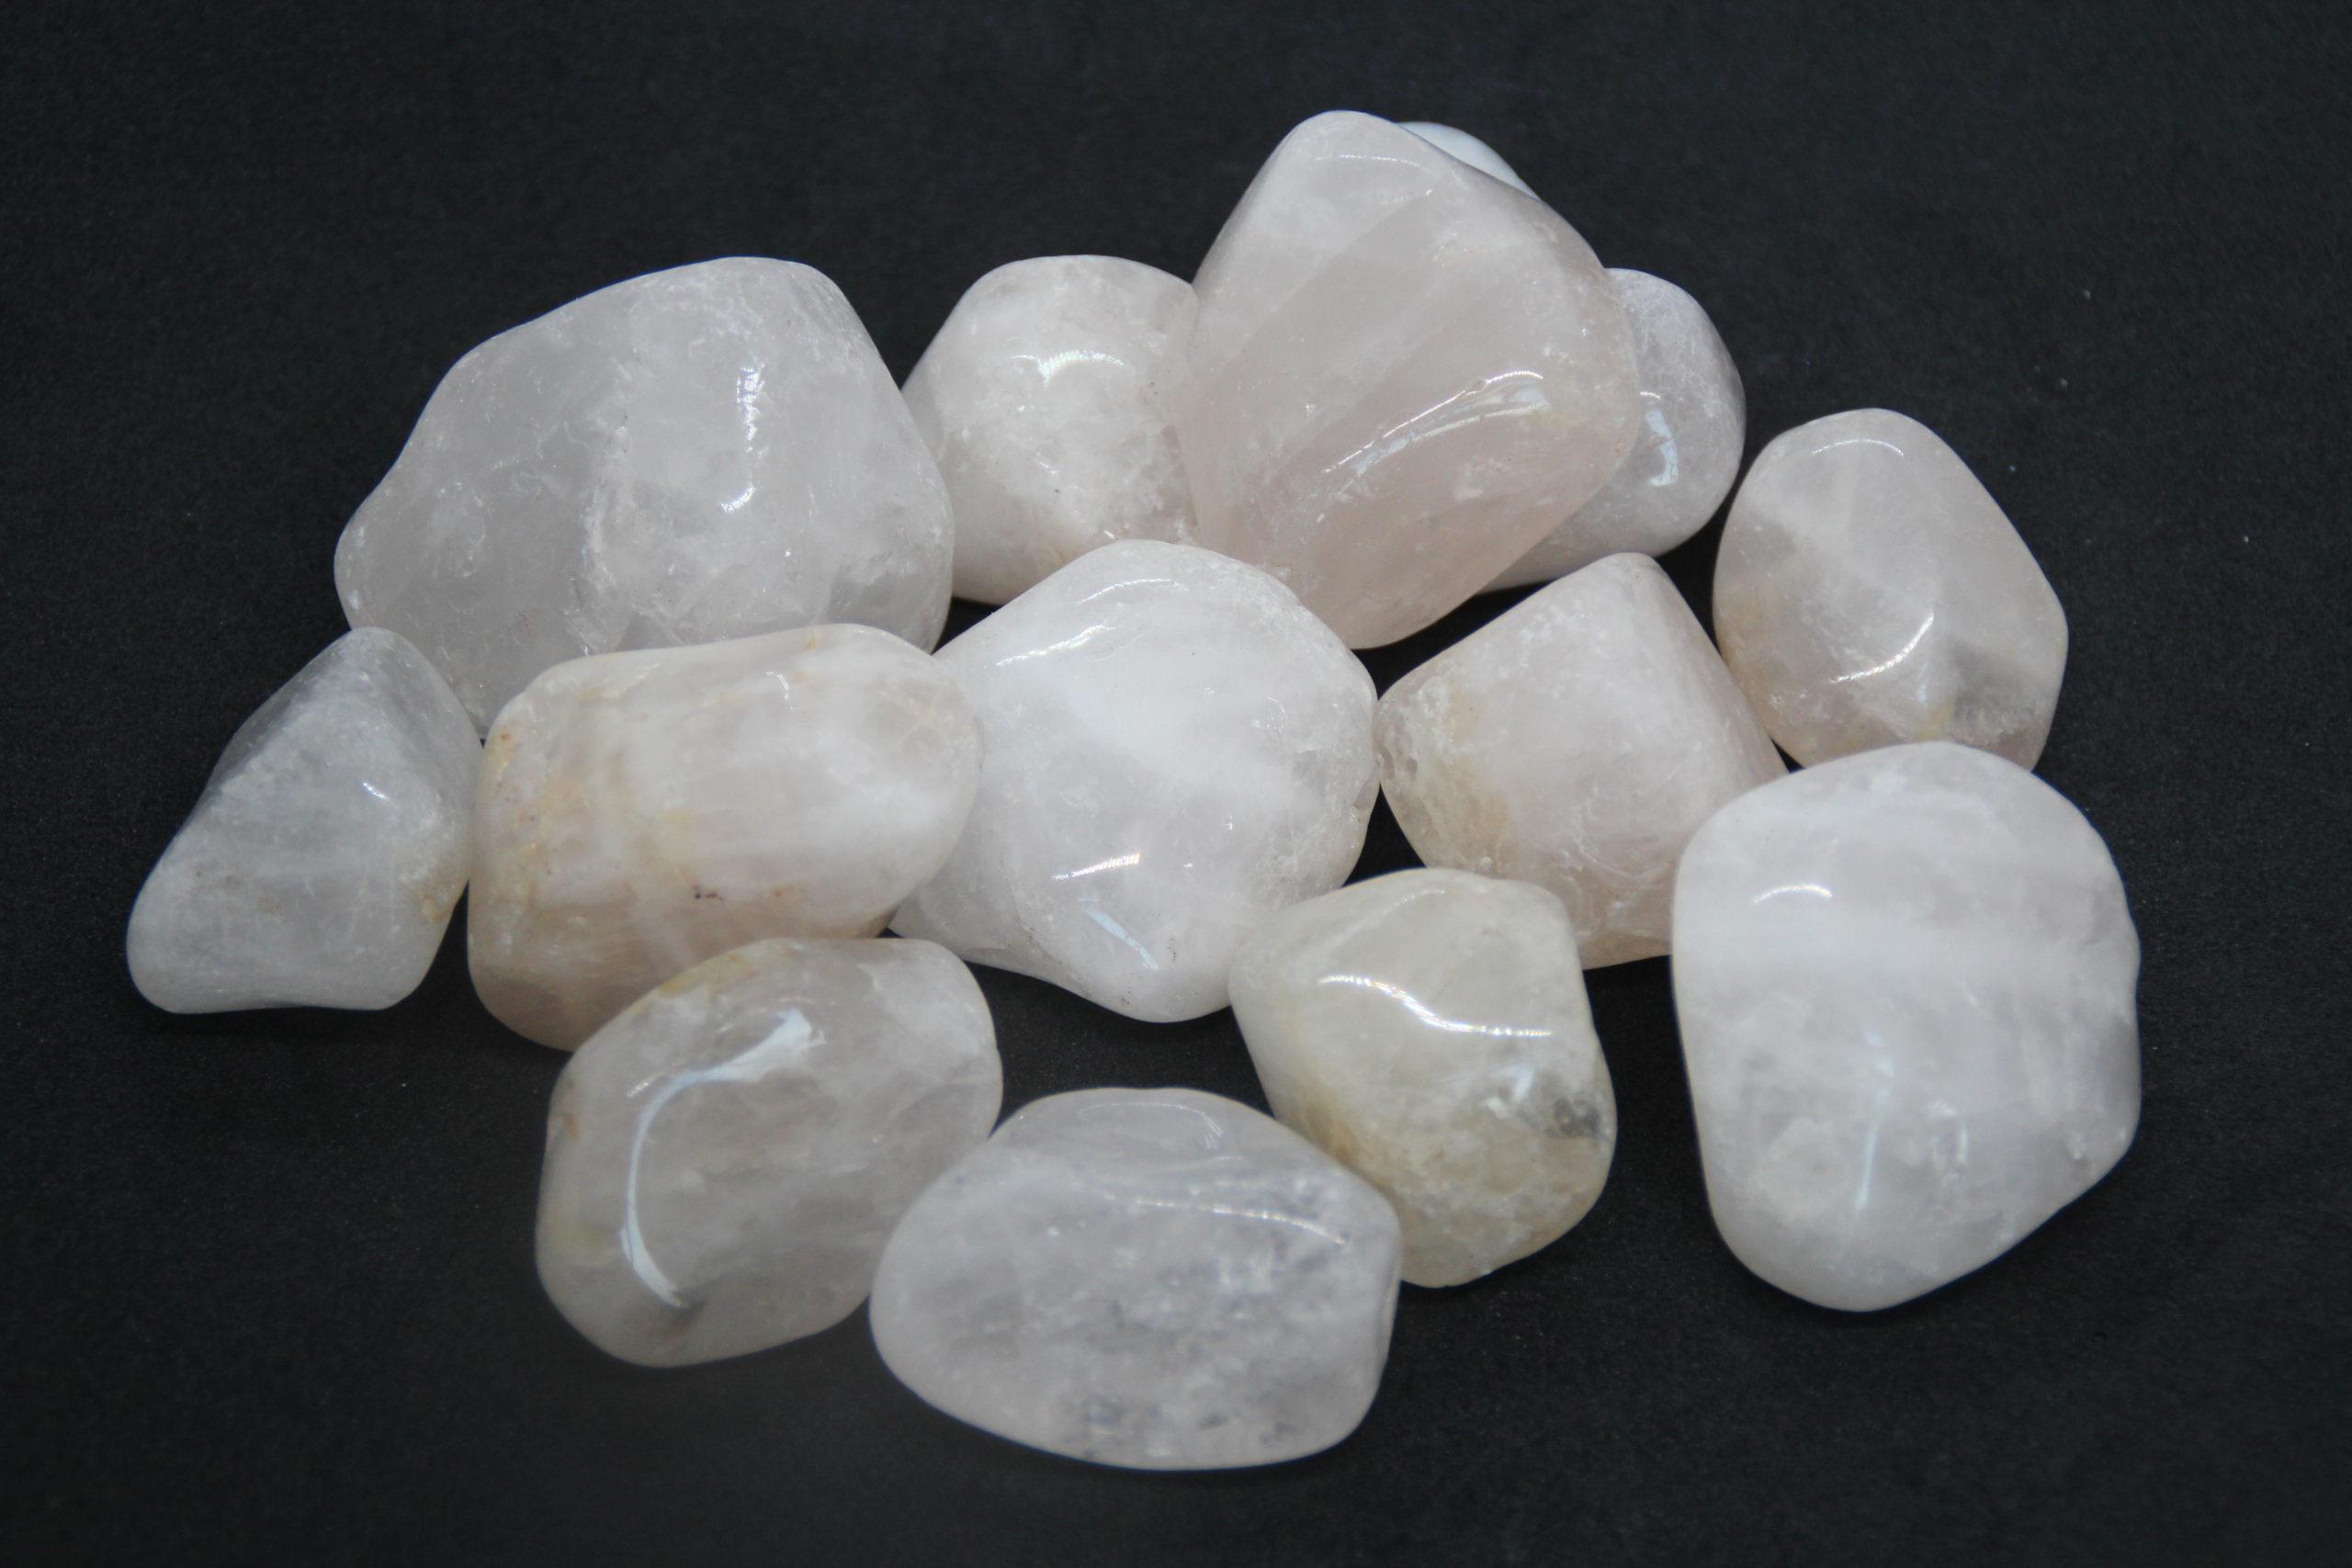 quartz-rose-polie-xl-qualite-a-shiva-esoterisme-lithotherapie-halluin-menin-roncq-paris-lille-pierre-amour